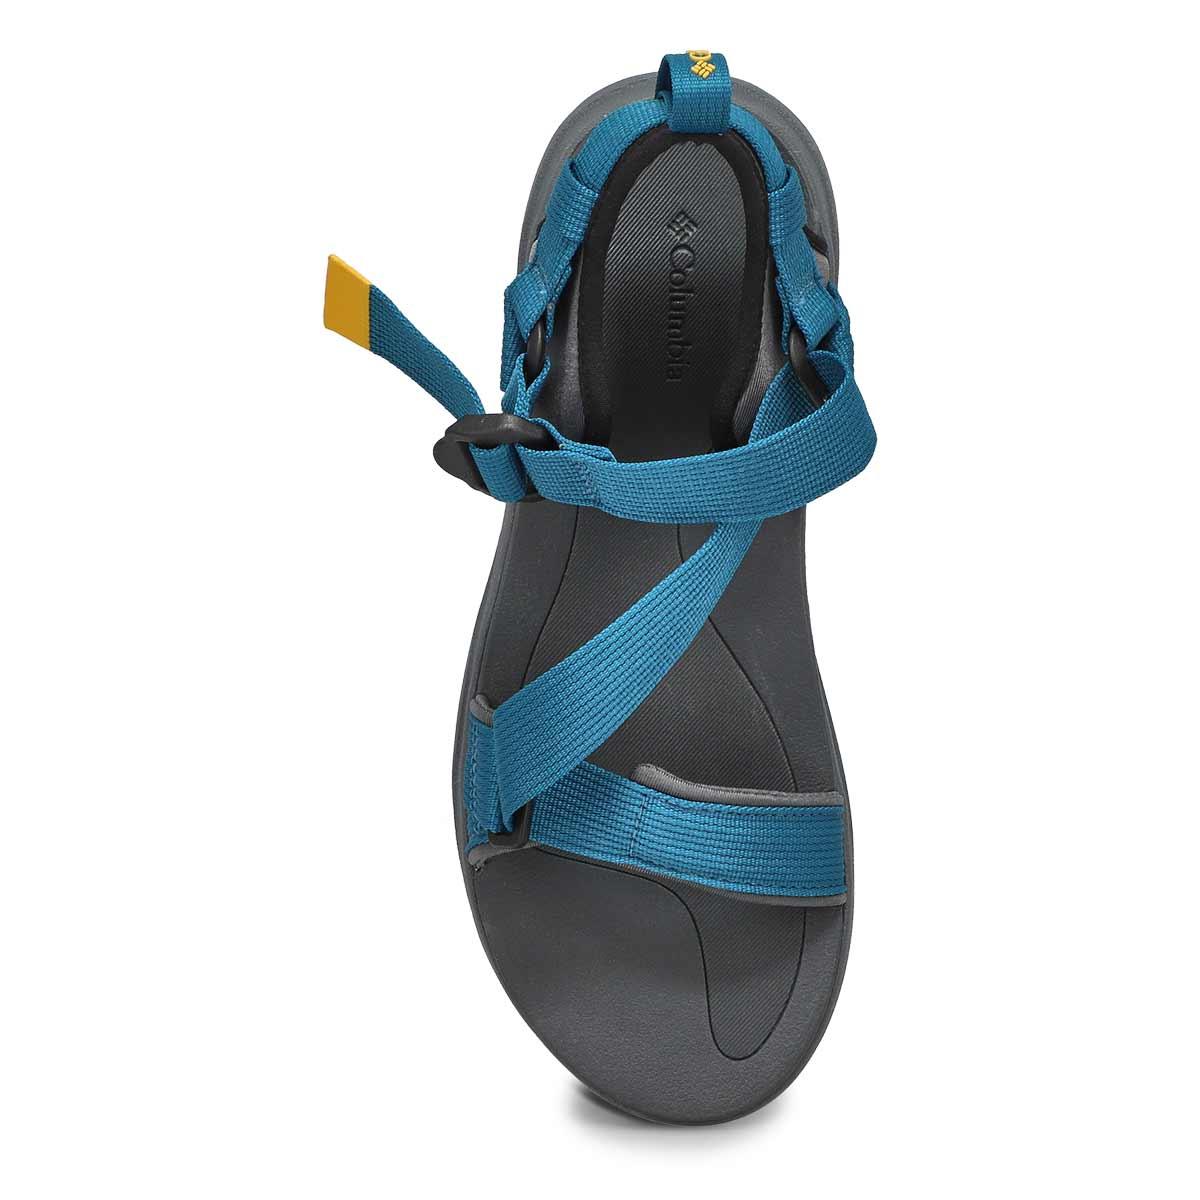 Mns Columbia Sandal gry/blu sport sandal